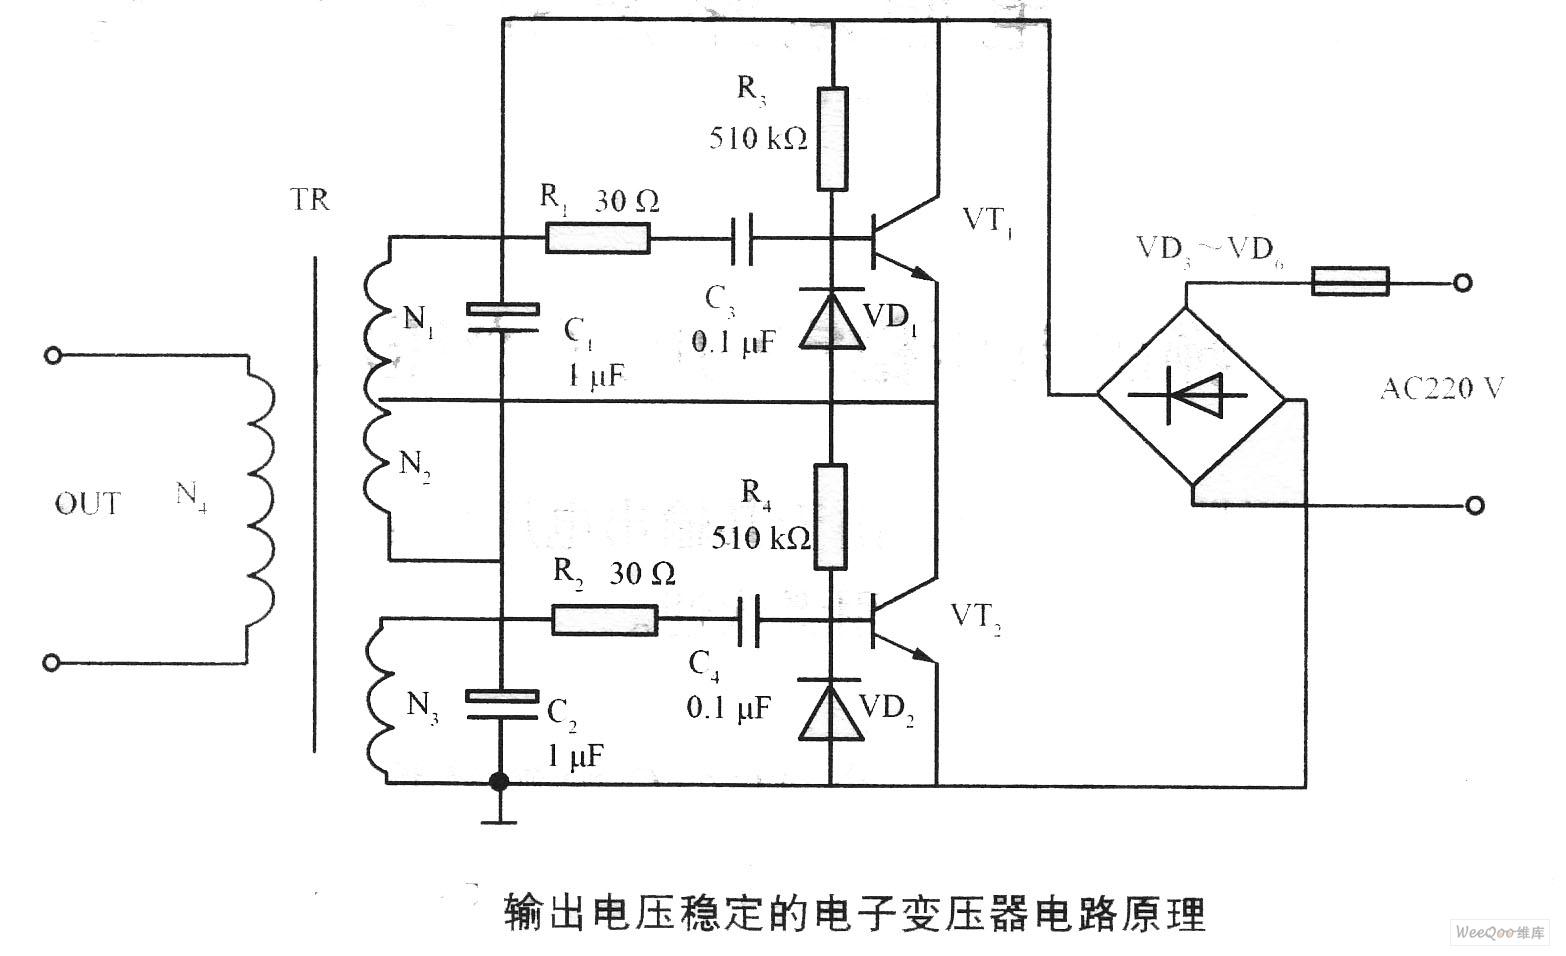 【图】输出电压稳定的电子变压器电路原理电源电路